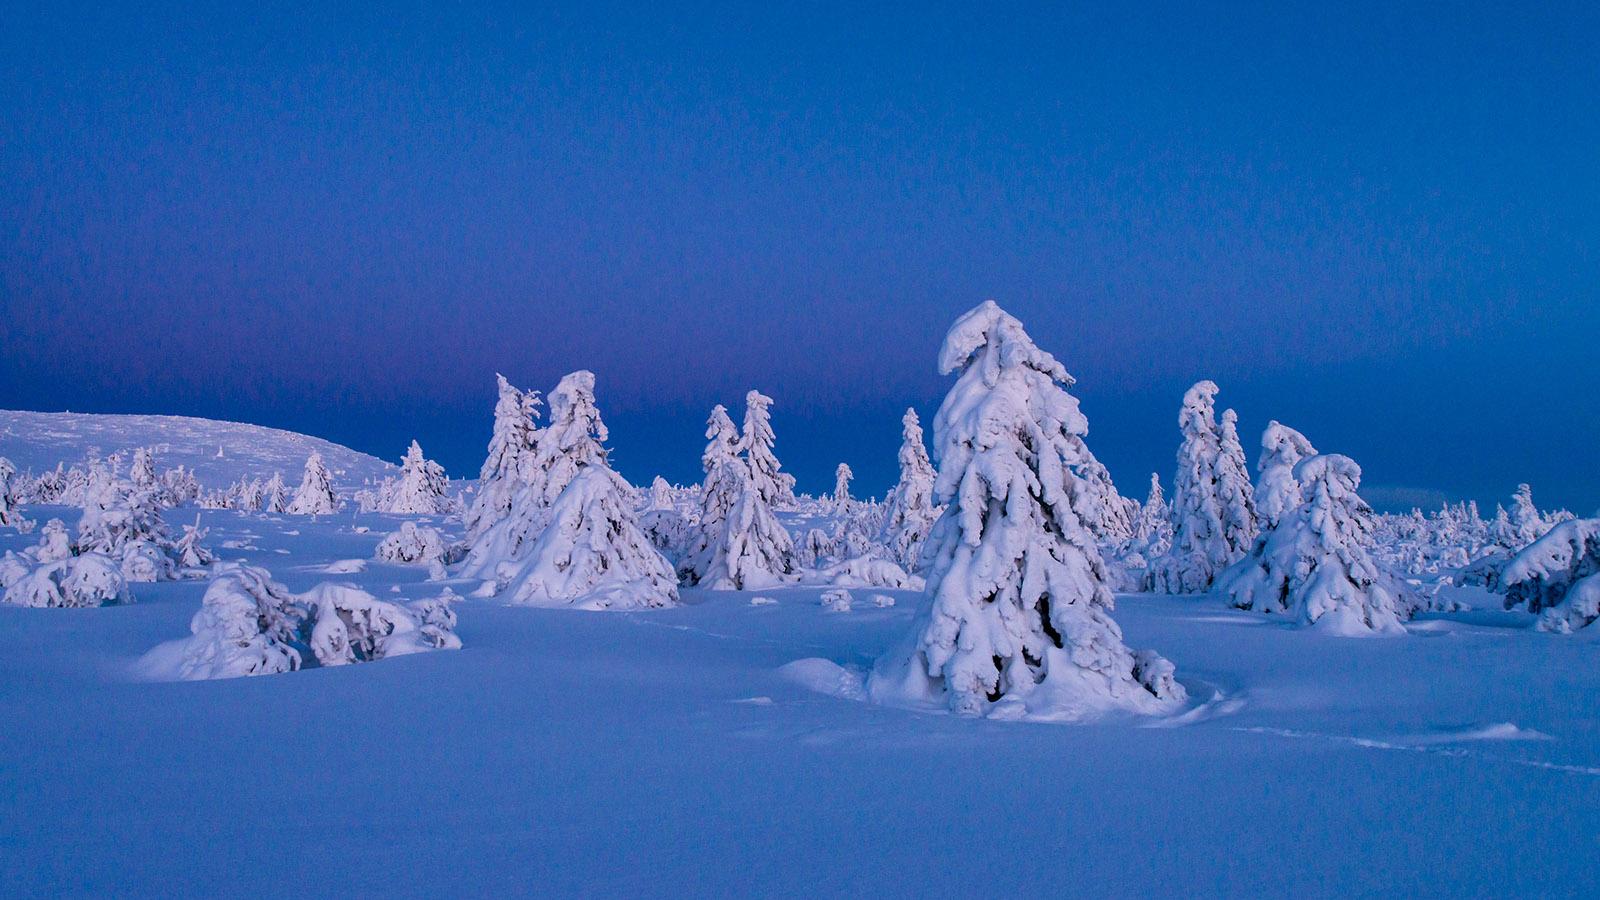 Foto: Øistein Rune Hansen